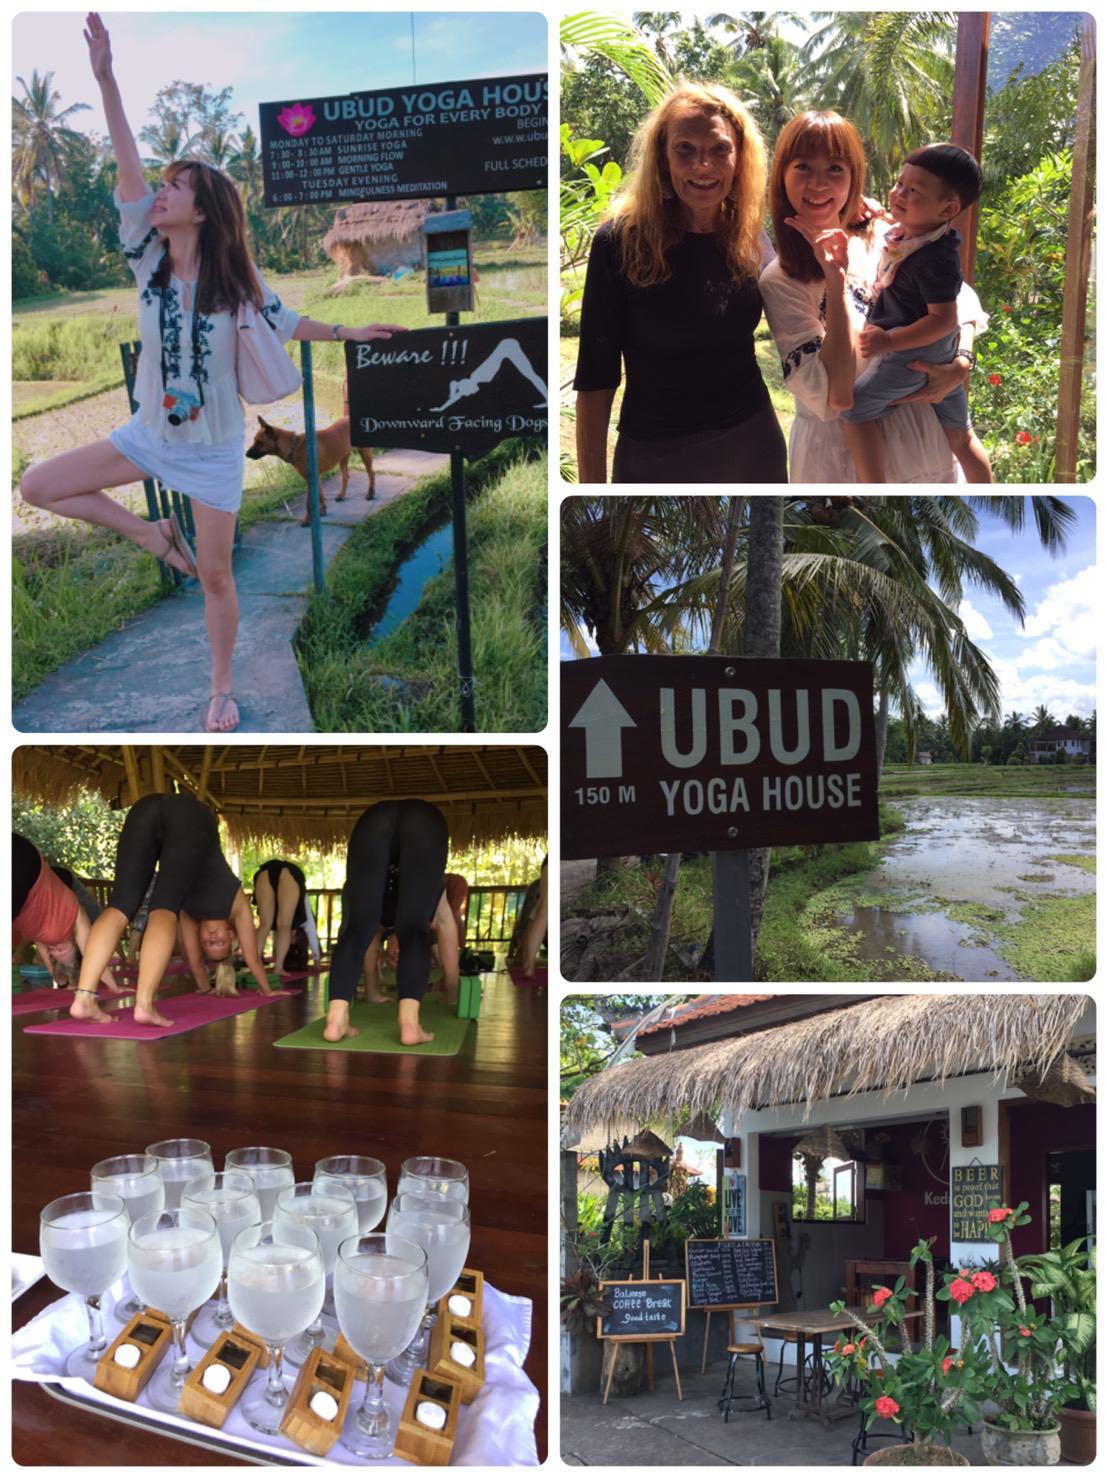 來烏布必做的四件事♥  Ubud Yoga +DIY髒鴨子料理+河谷下午茶+傳統市集逛街趣(≧∇≦)/